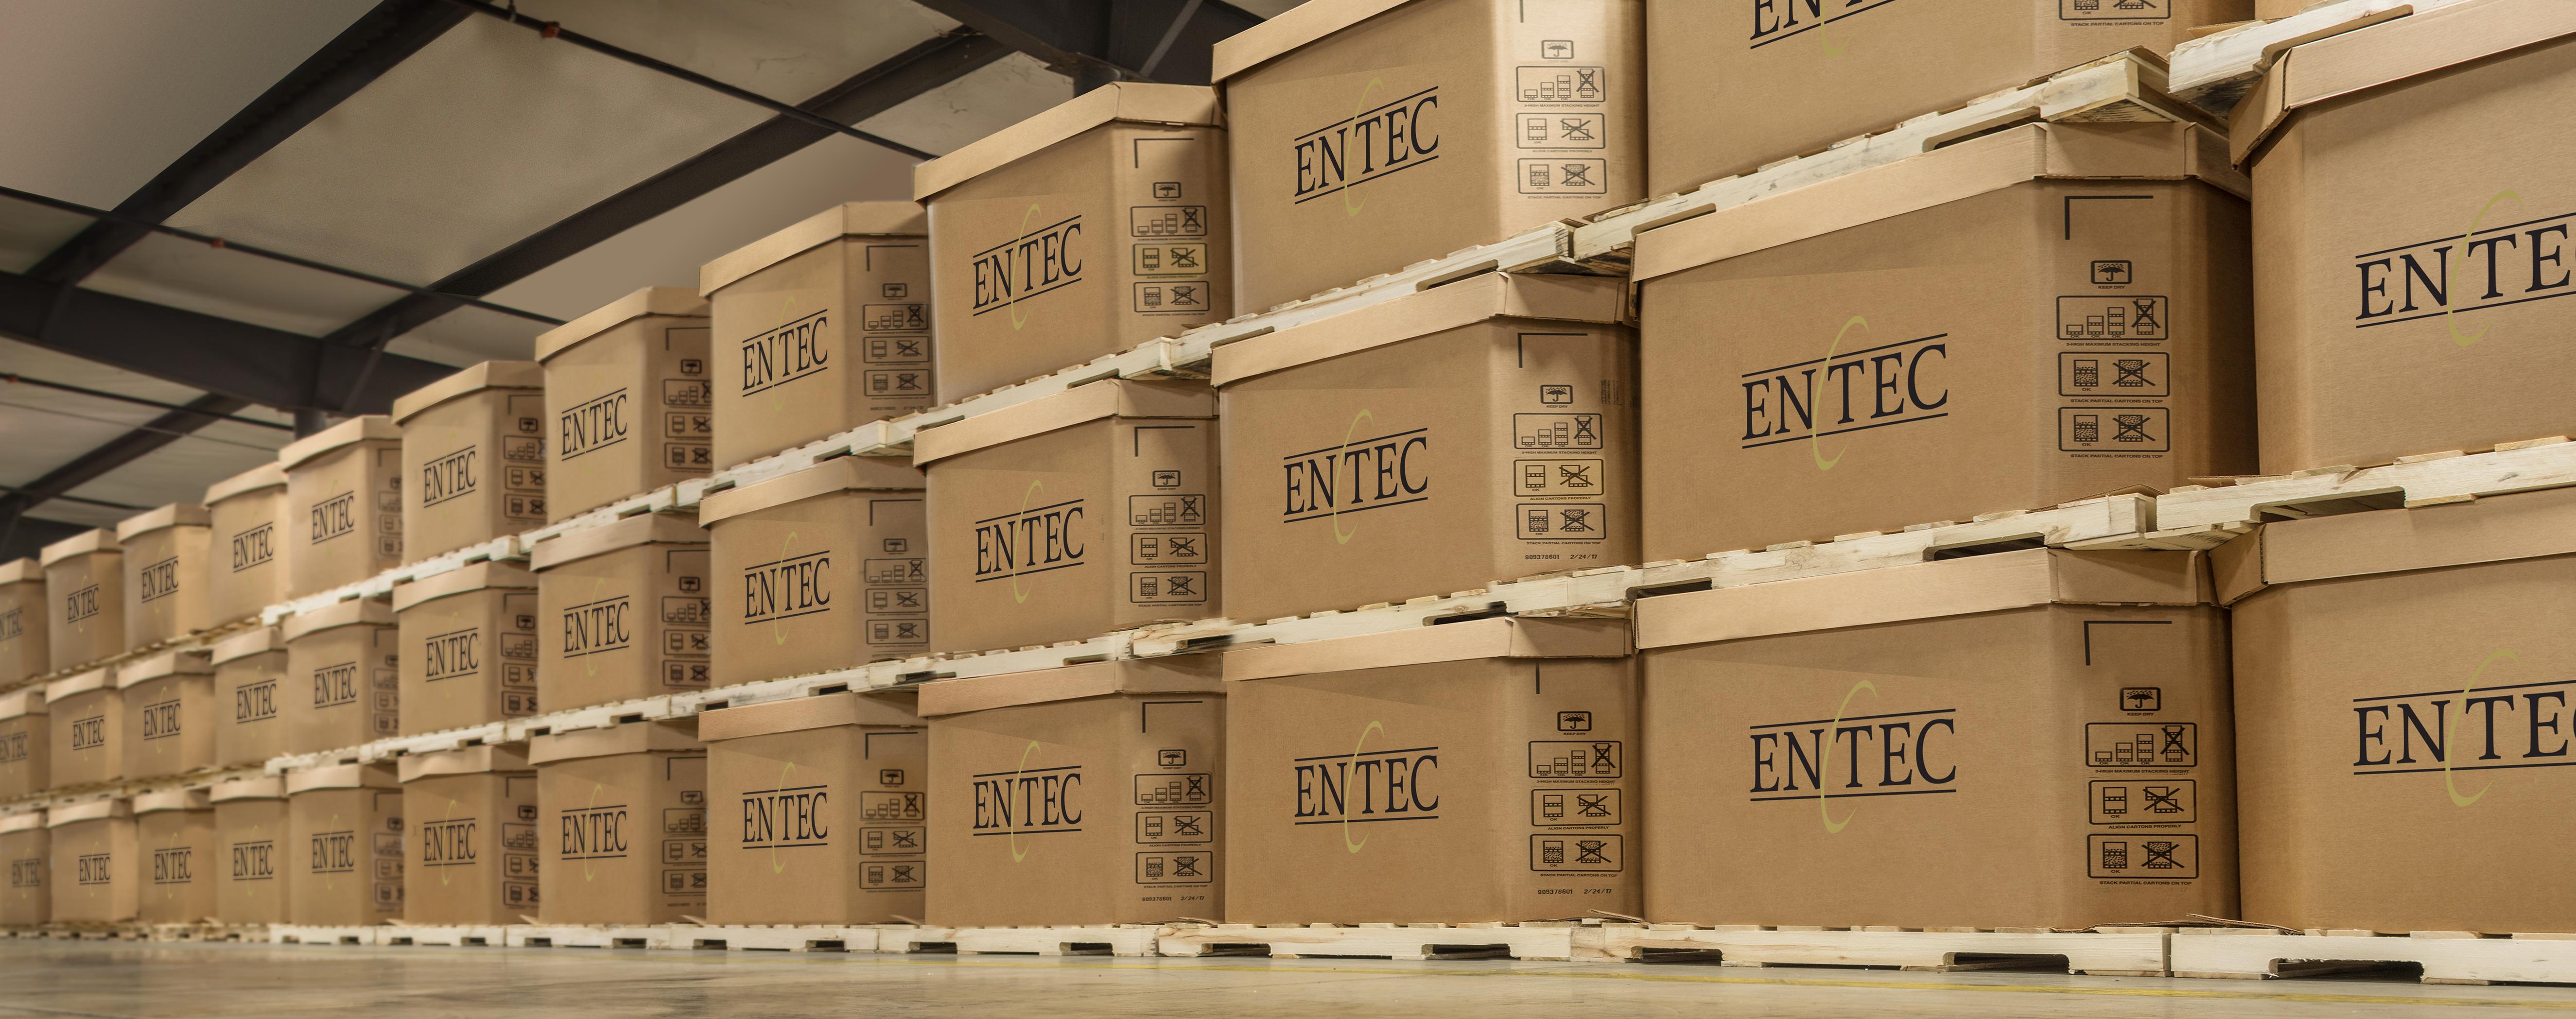 Entec-Boxes-Small